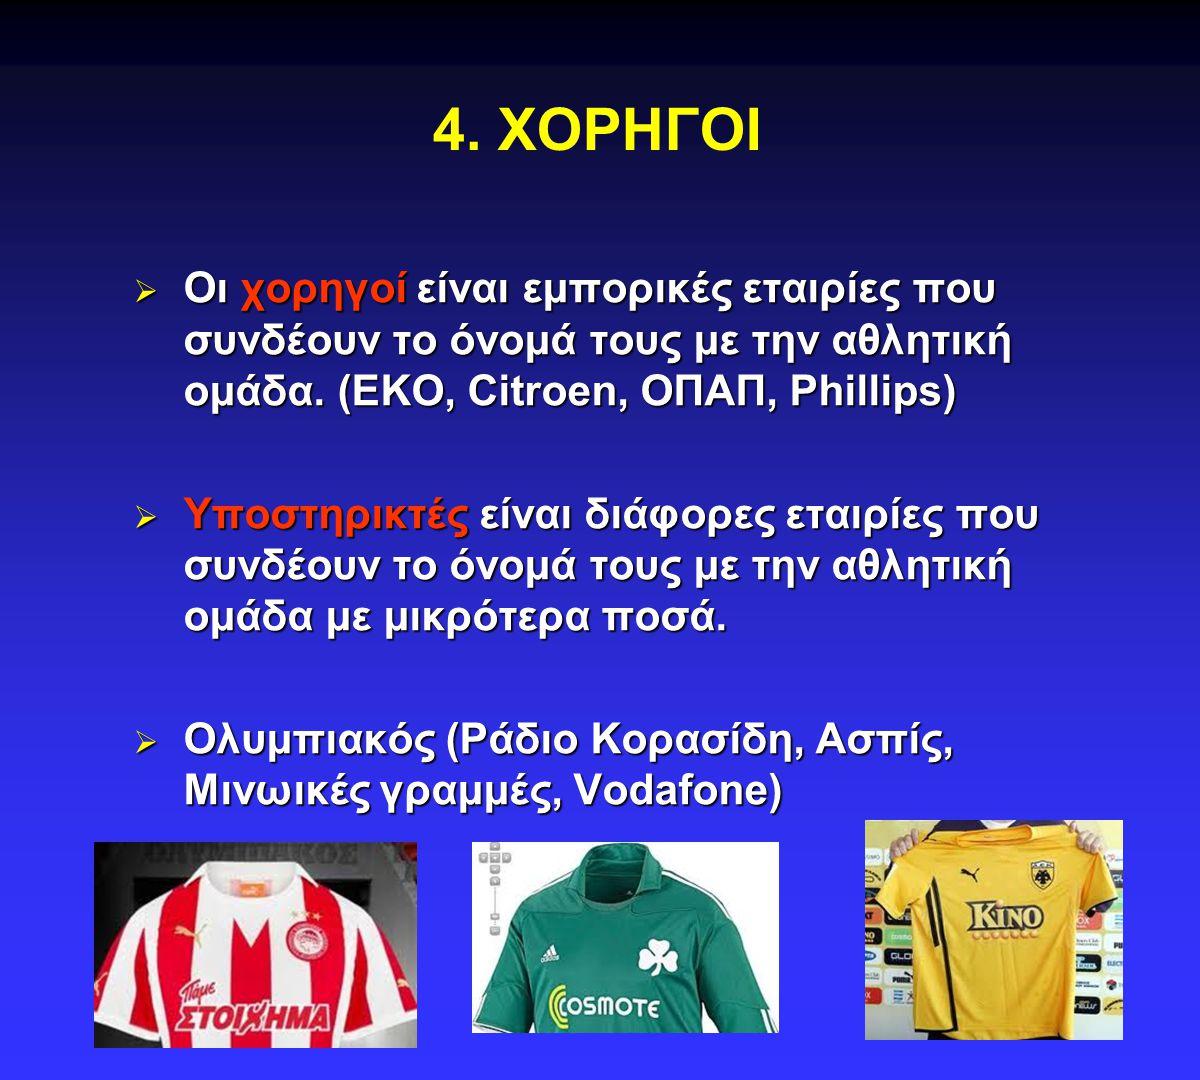 4. ΧΟΡΗΓΟΙ Οι χορηγοί είναι εμπορικές εταιρίες που συνδέουν το όνομά τους με την αθλητική ομάδα. (EKO, Citroen, ΟΠΑΠ, Phillips)